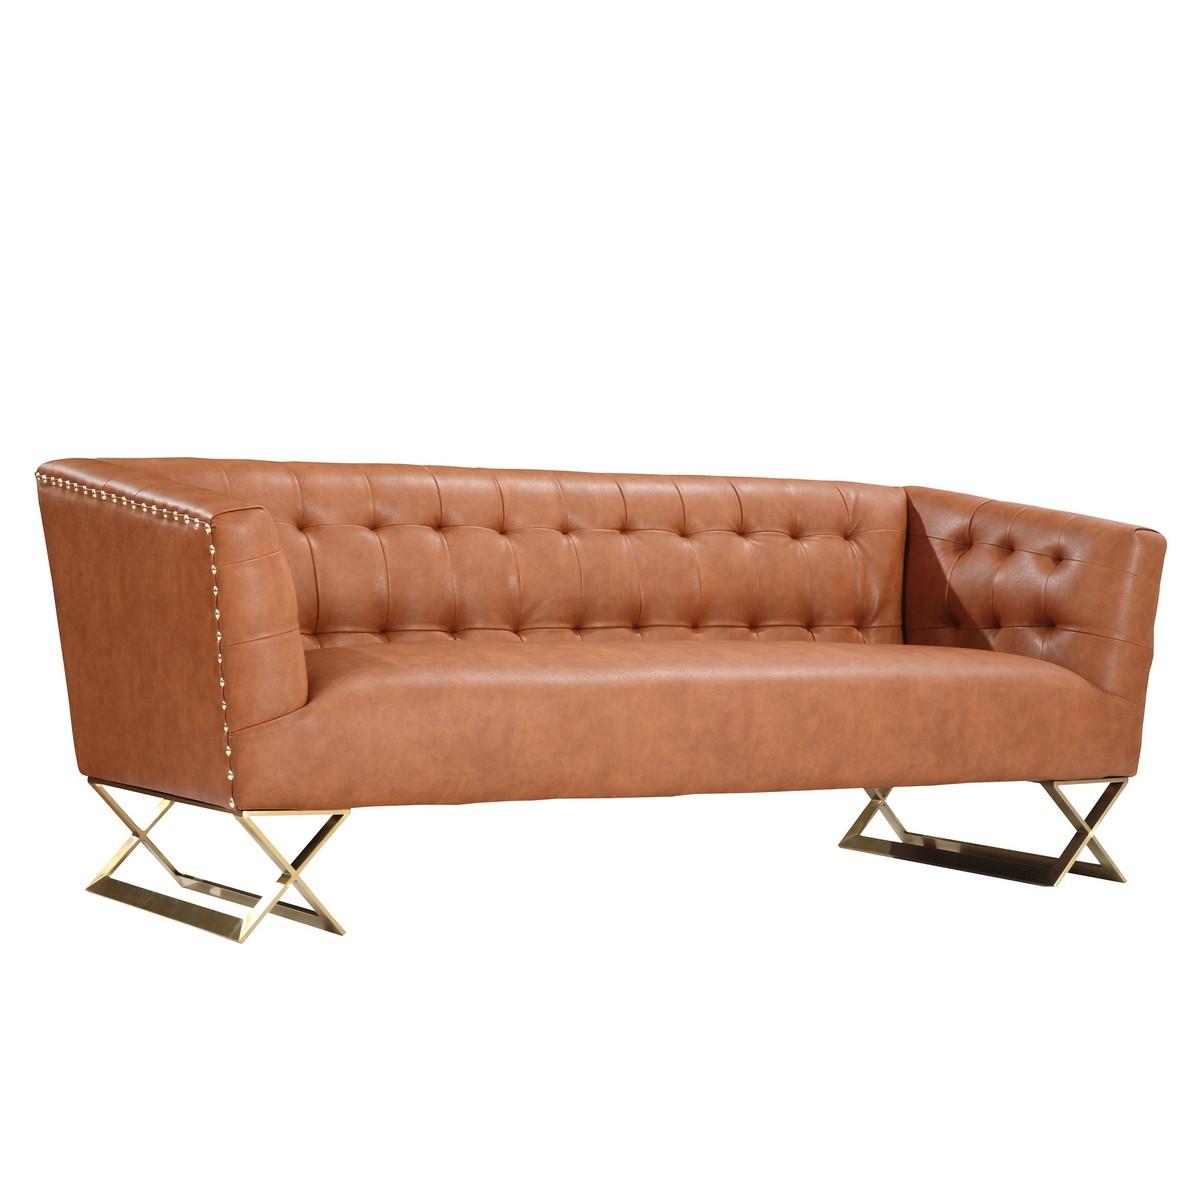 Armen living jasper modern sofa in chestnut and gold matte for Designer sofas for less